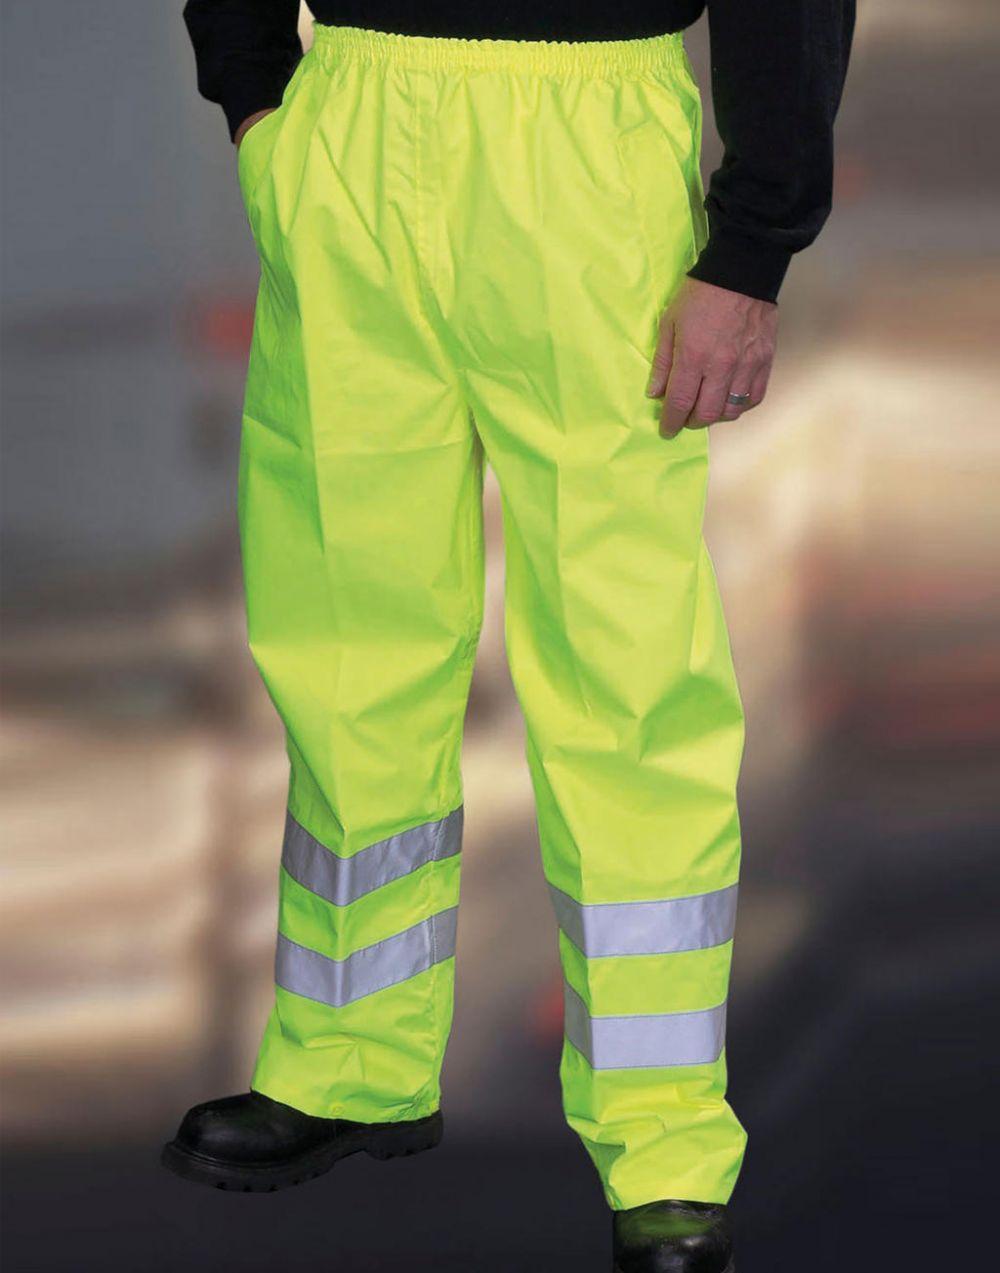 Pantalones reflectantes yoko fluo yellow con logo imagen 1